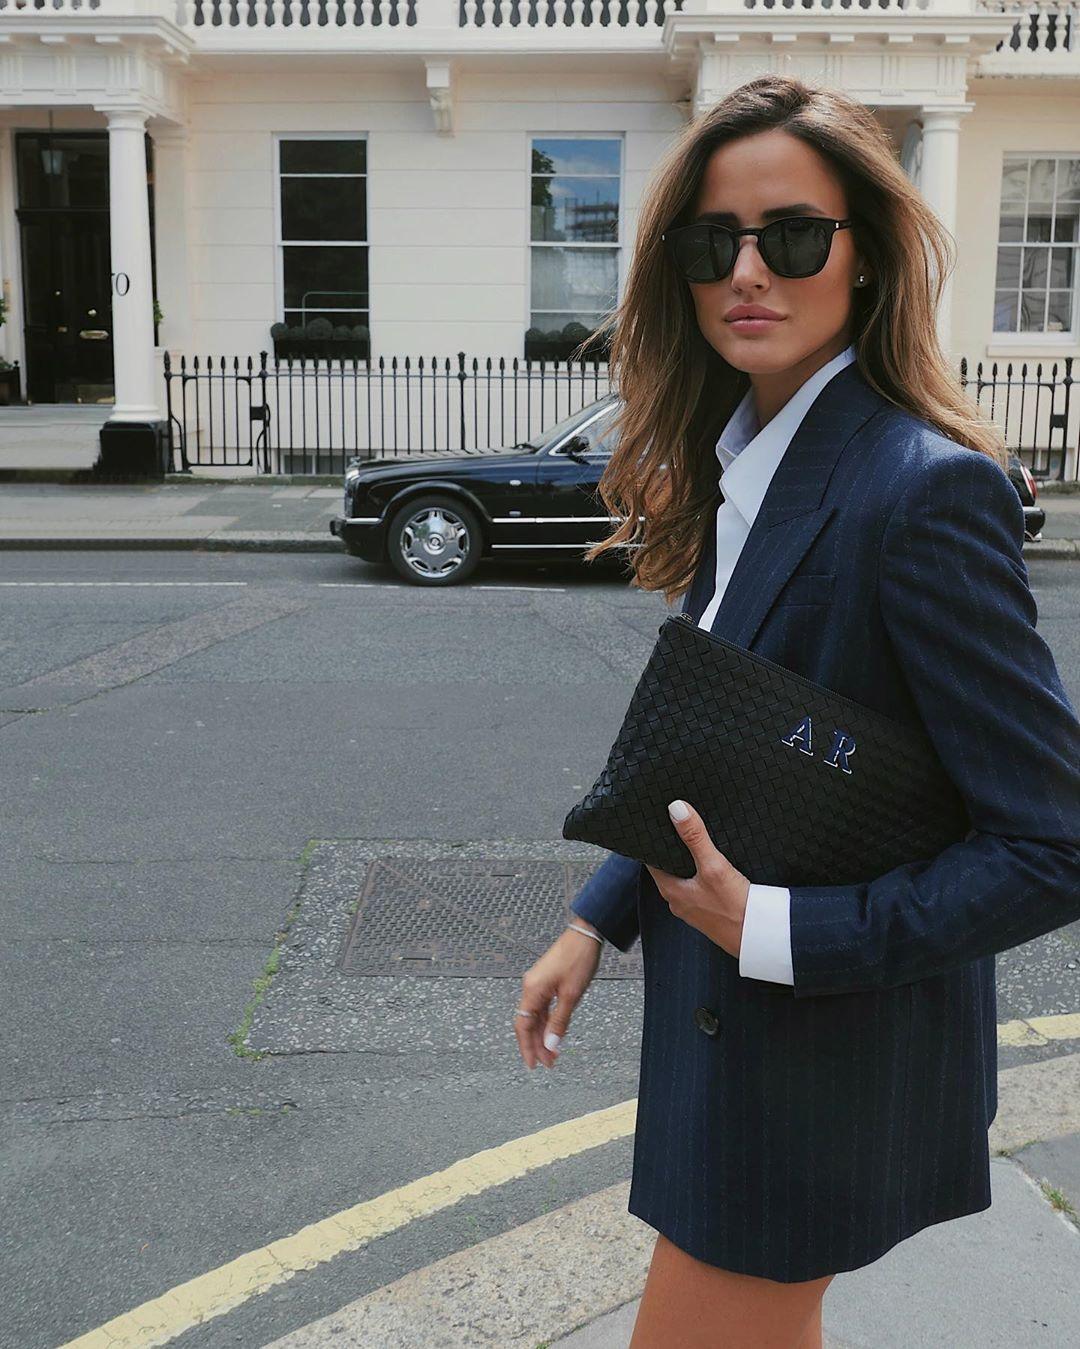 suit jacket 100% merino wool stripes tennis slim fit de Massimo Dutti sur ariviere sur SCANDALOOK